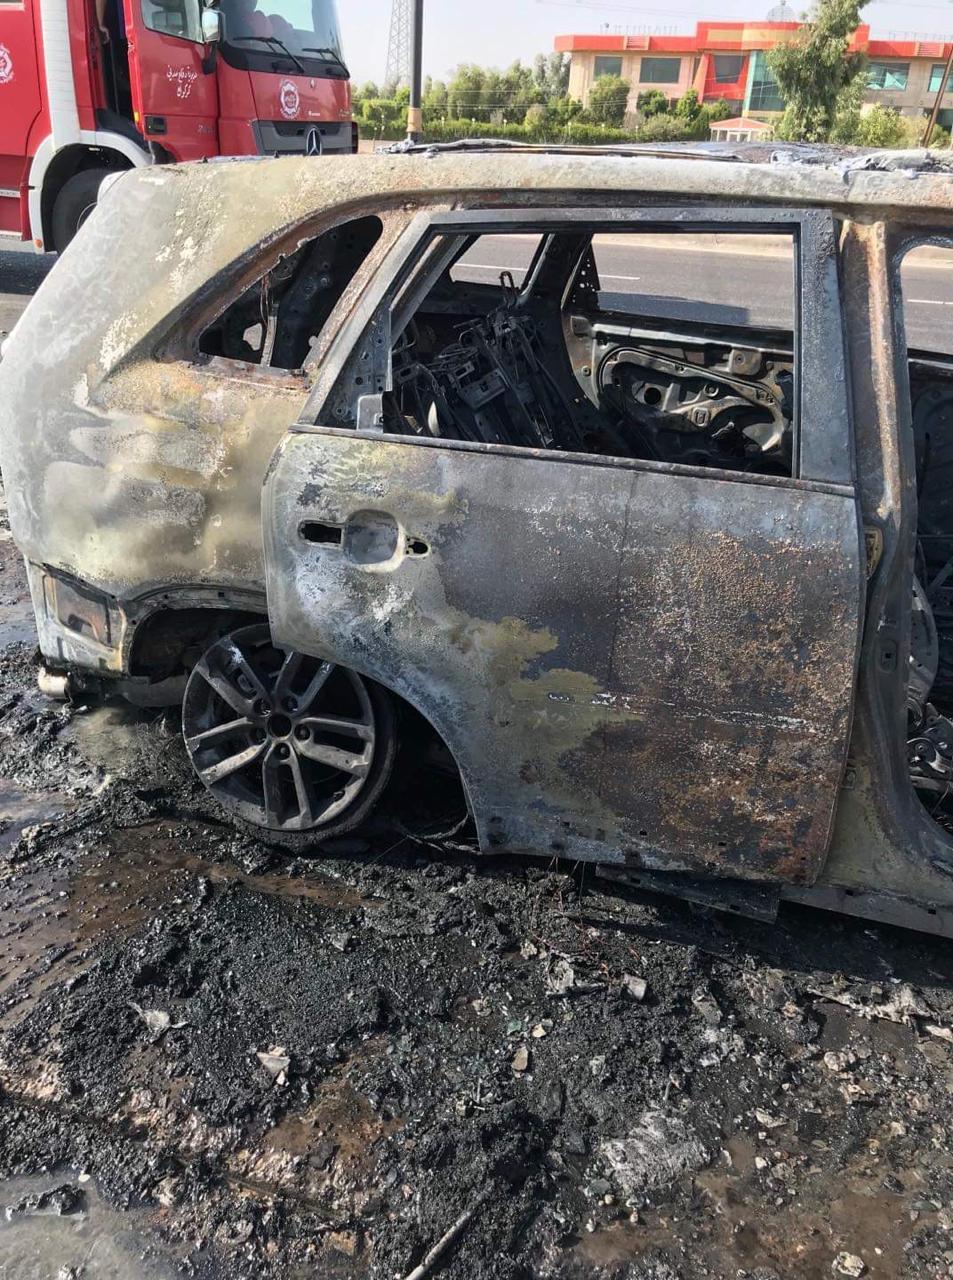 عائلة تضم 3 نساء وطفلين تنجو بأعجوبة من حريق سيارة حولها إلى حطام!